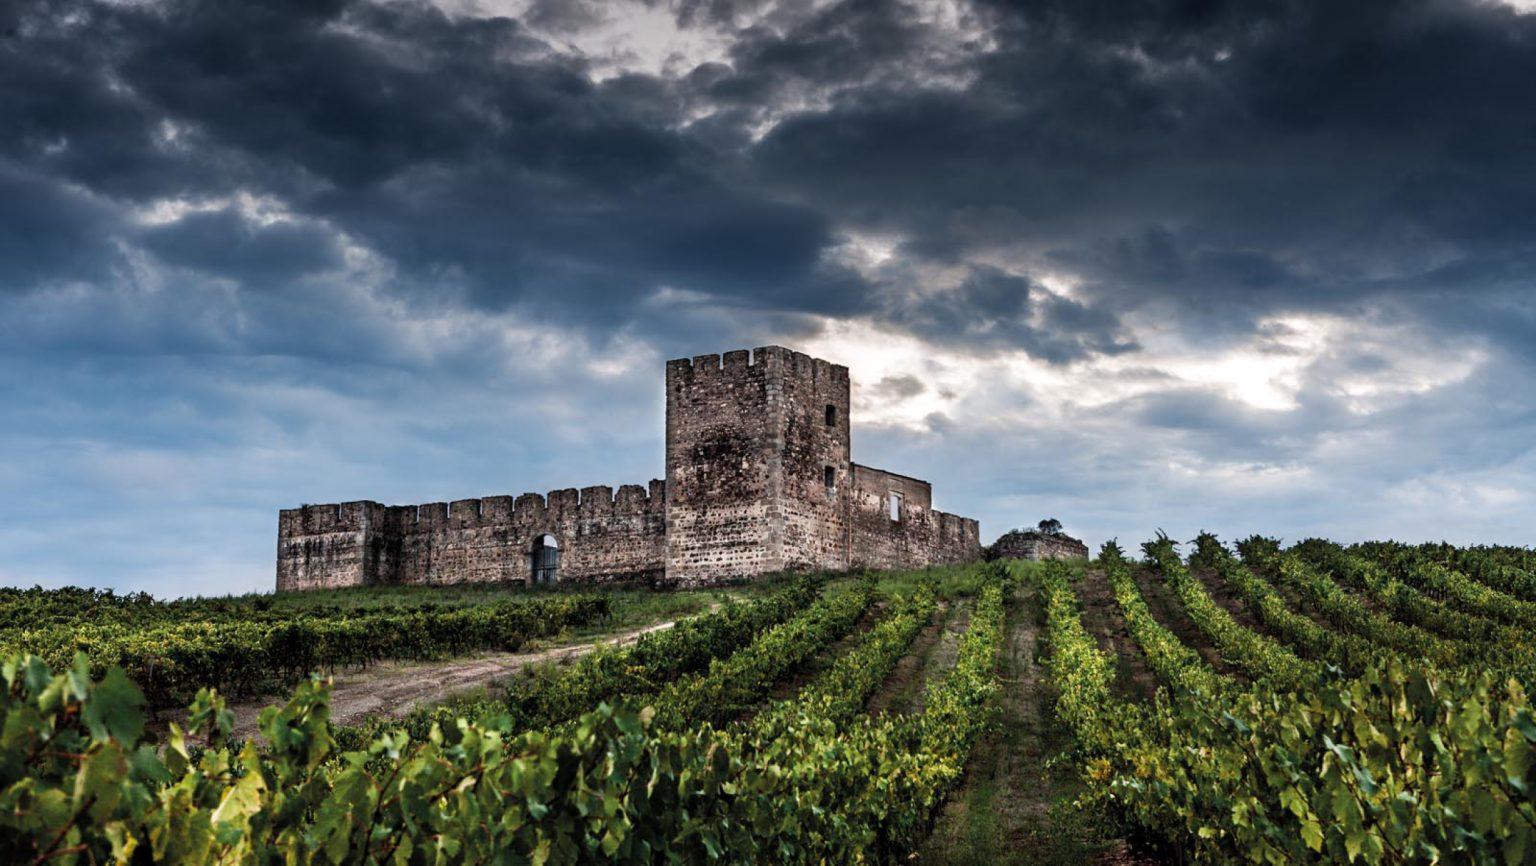 Wines of Alentejo